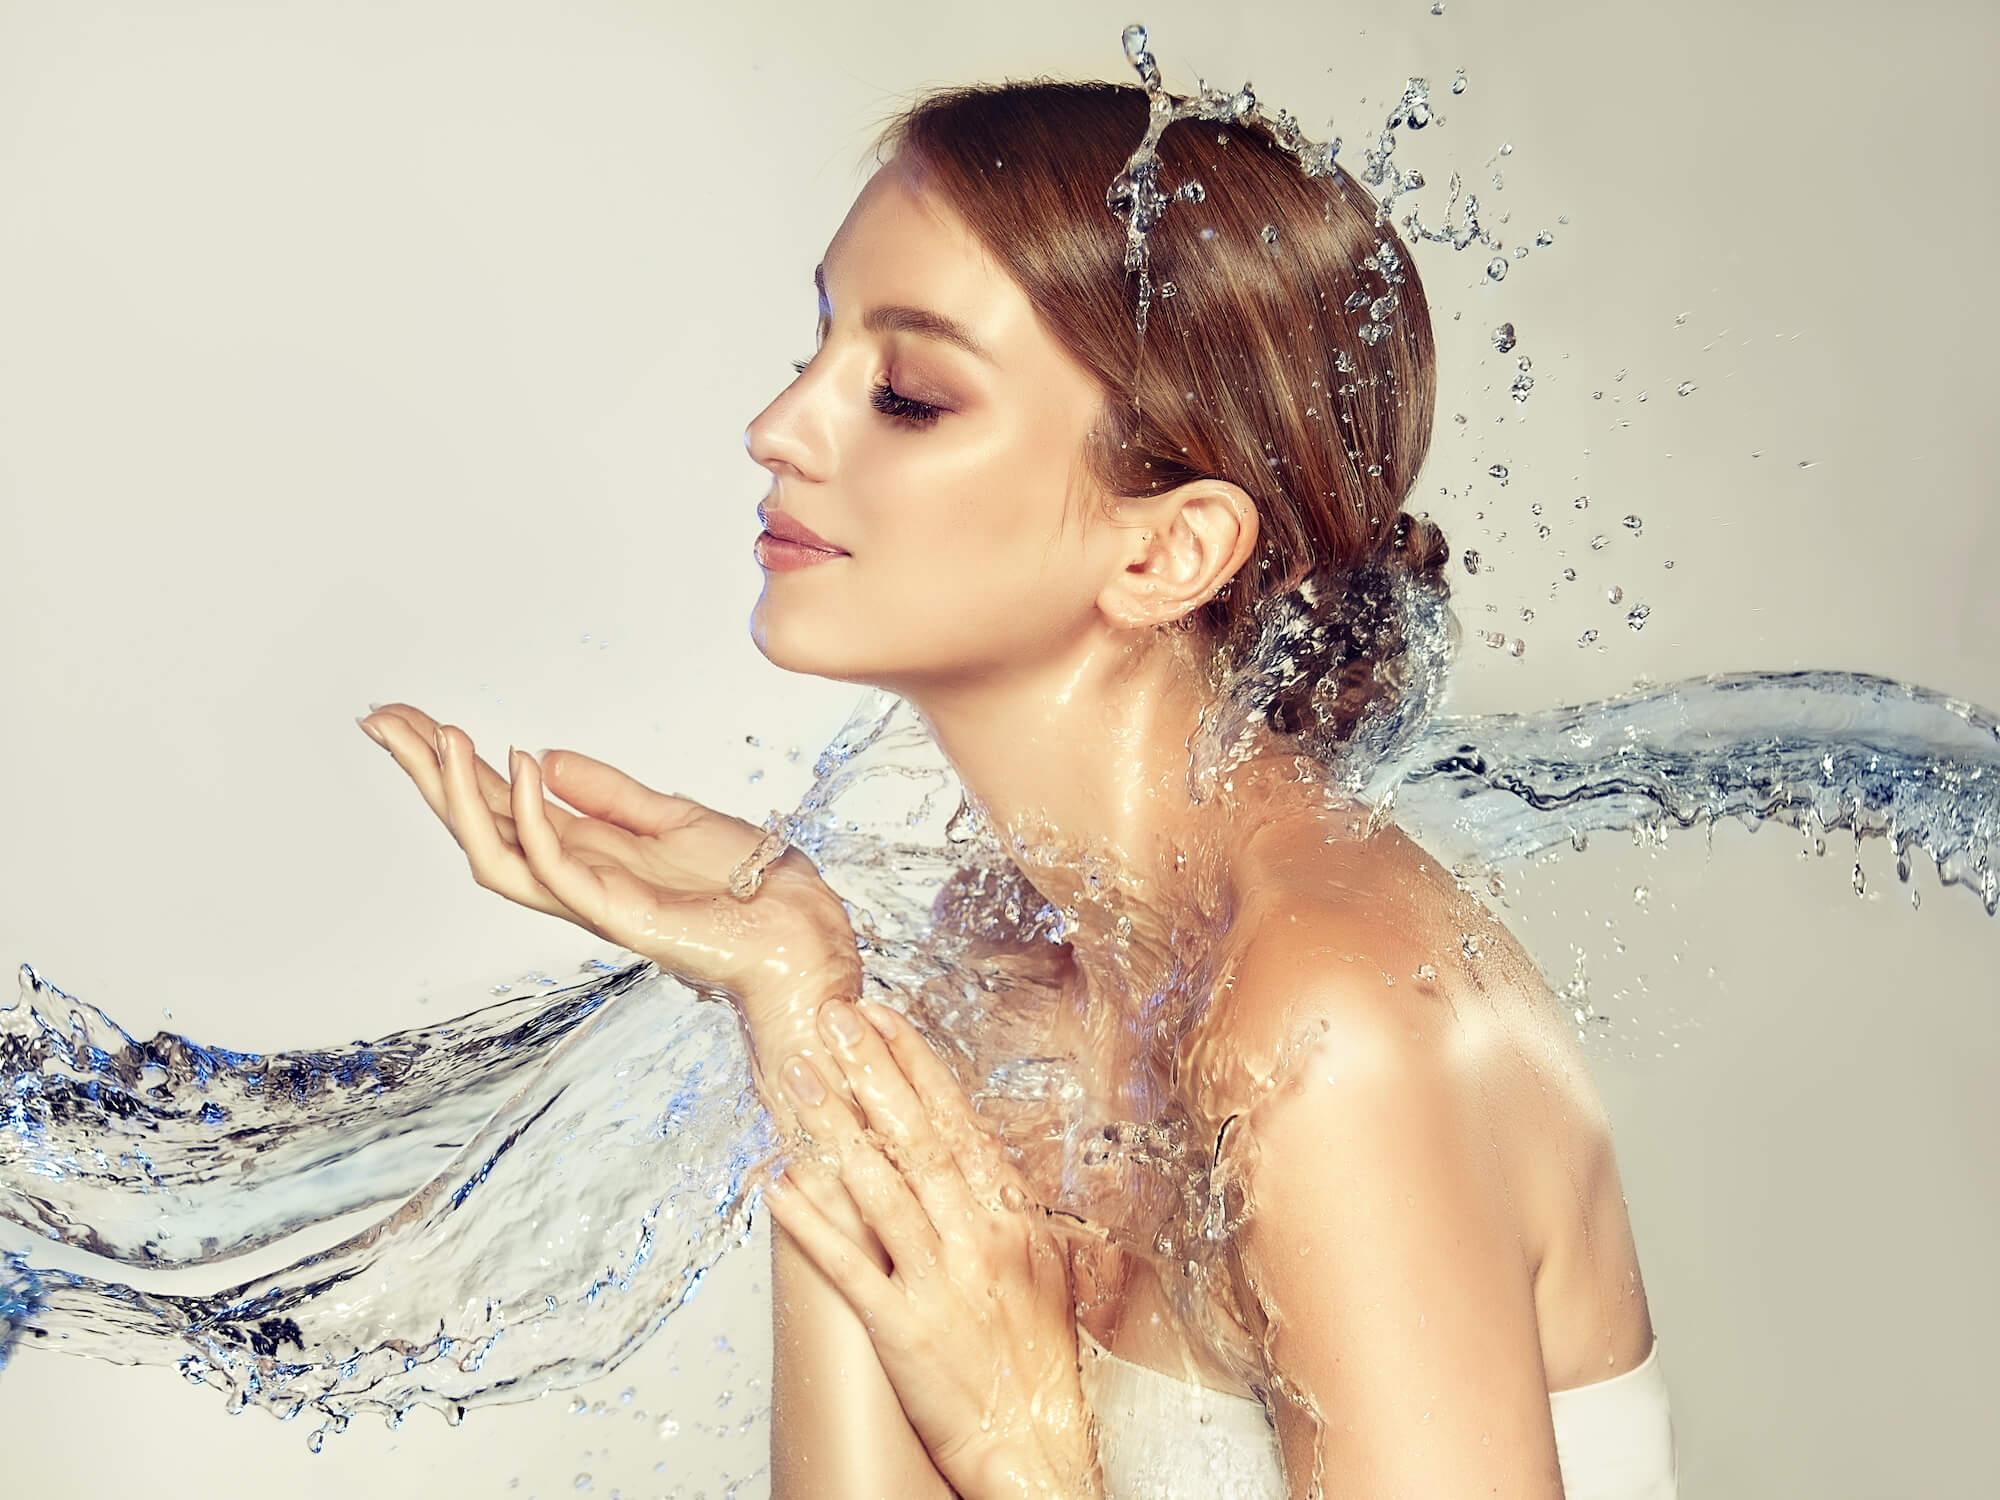 【化粧水の正しい使い方】効果的に使うために再確認したいこと